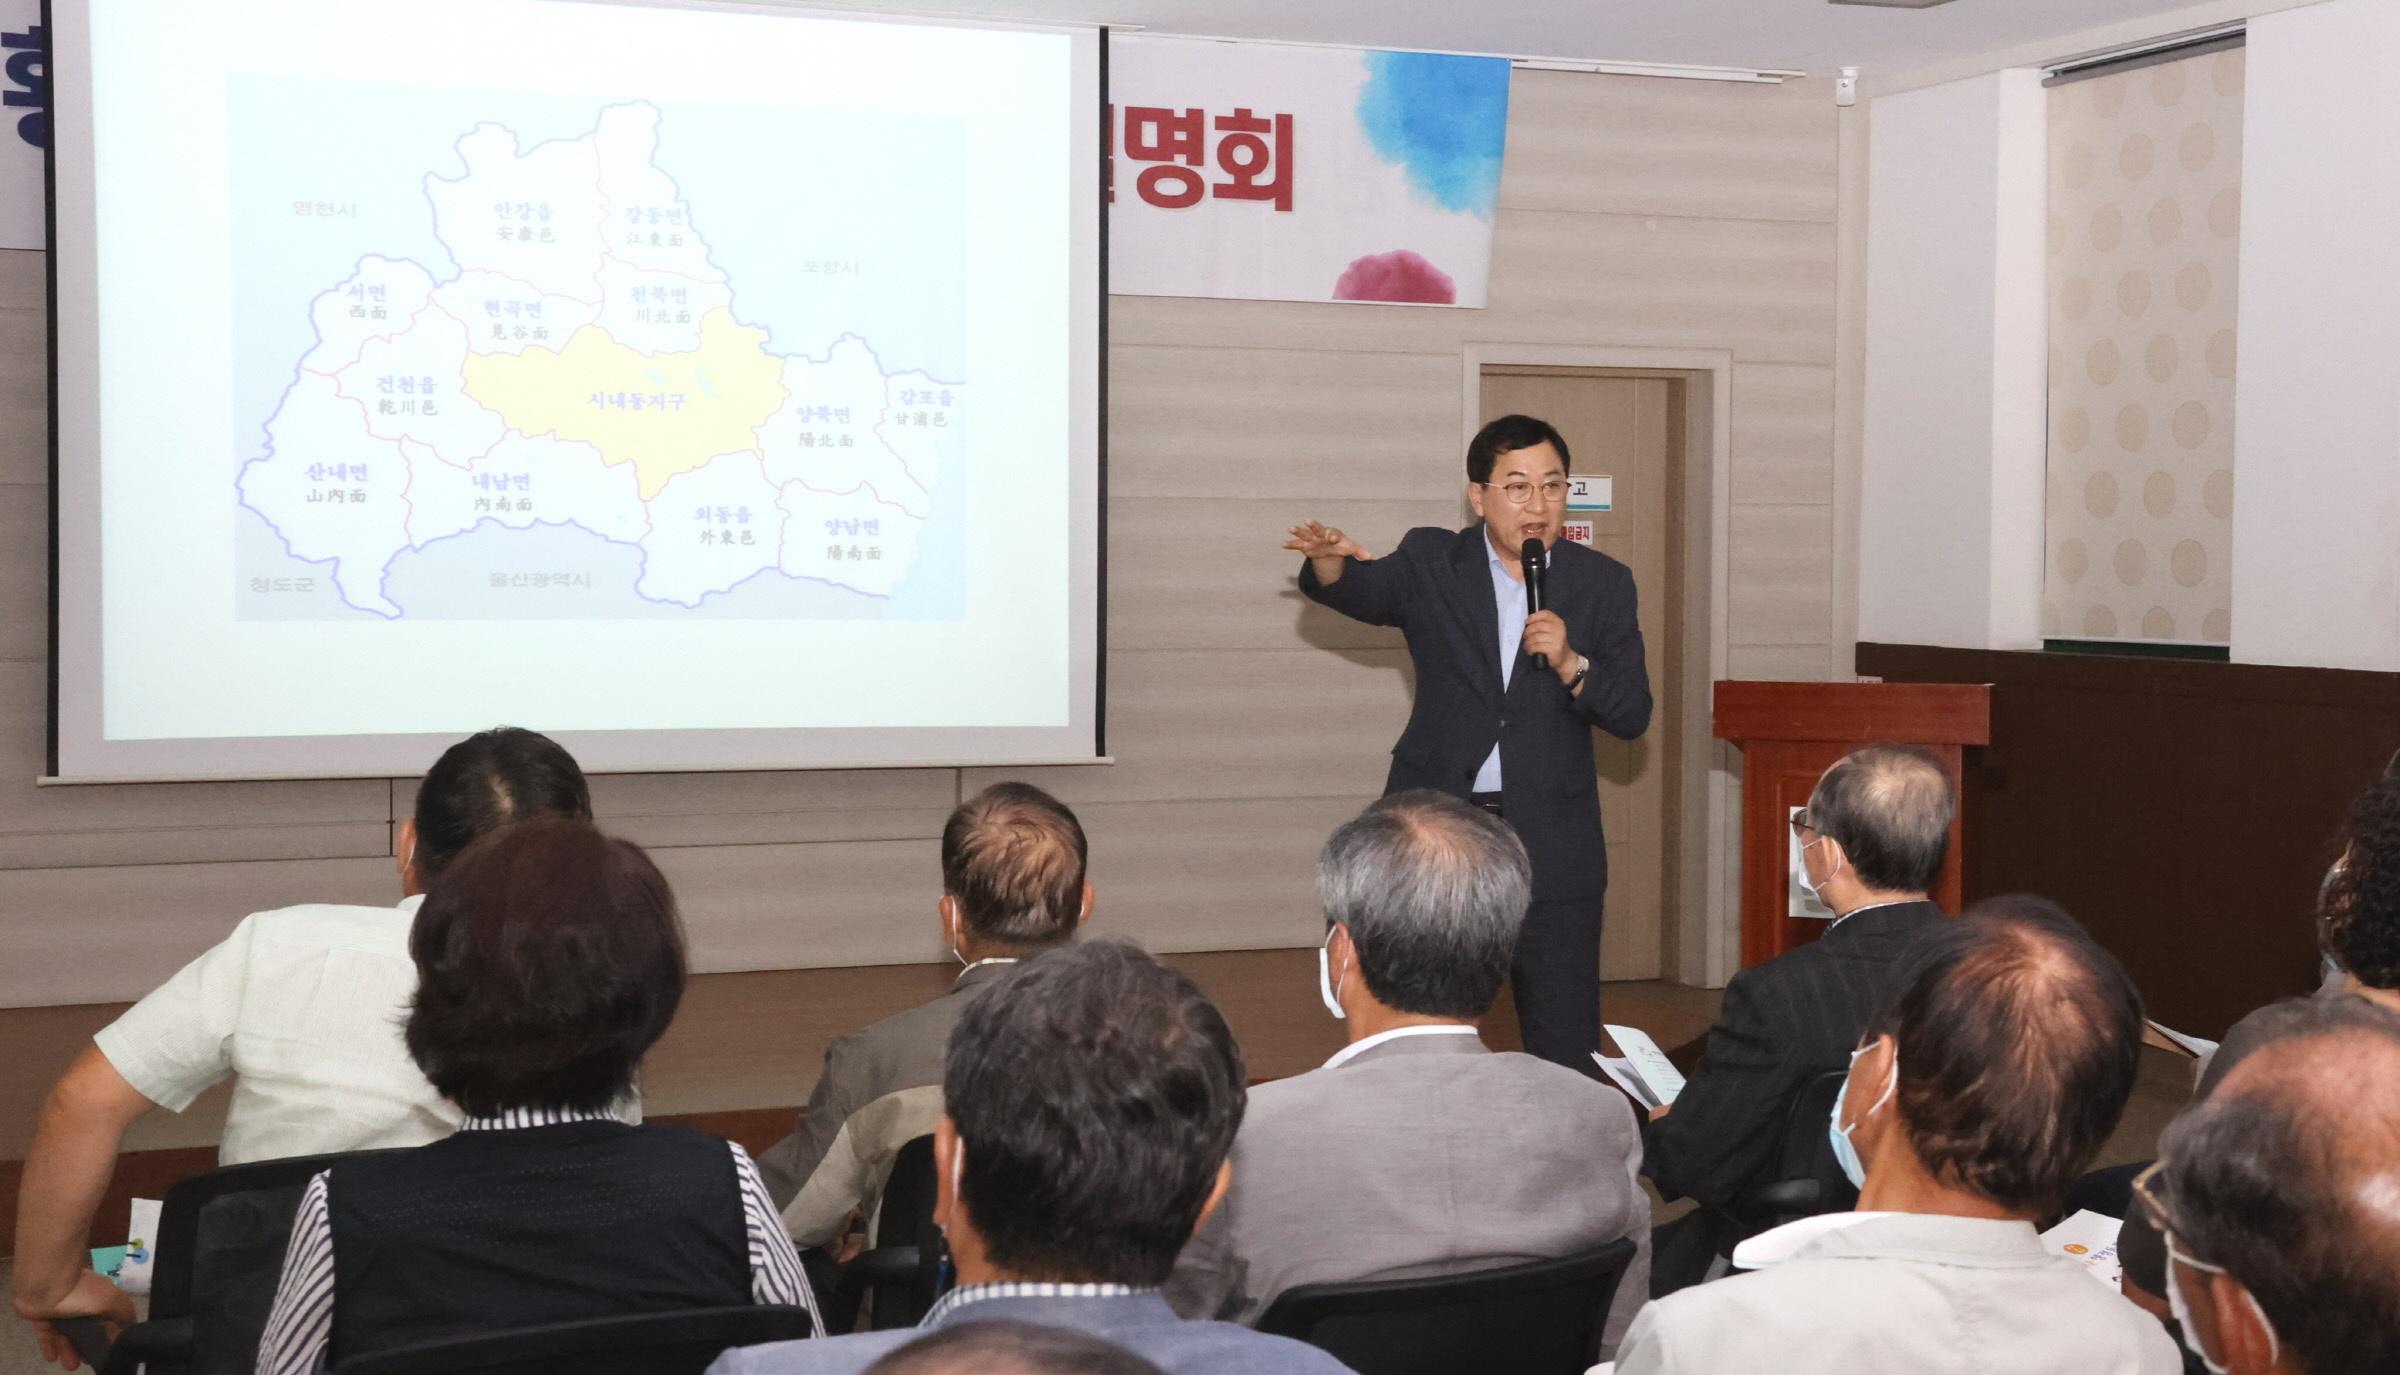 경주시, 시장과 함께하는 행정동통합 설명회 개최